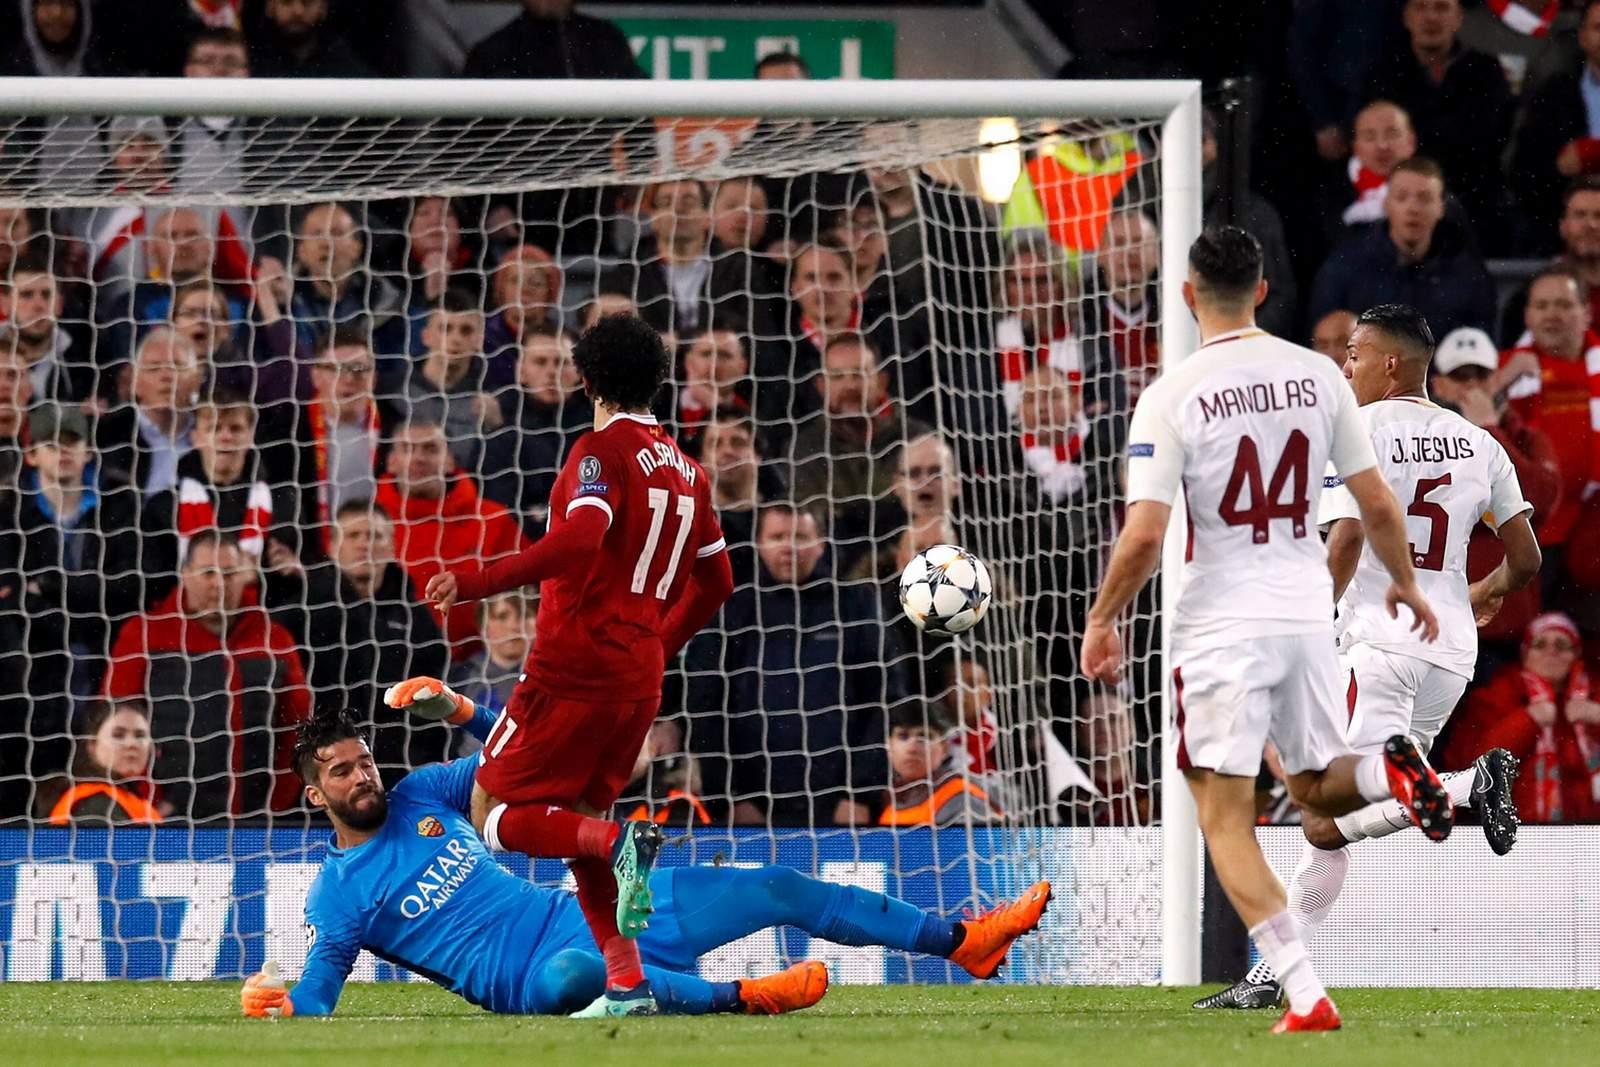 Erzielt Salah wieder ein Tor? Jetzt auf Roma vs Liverpool wetten